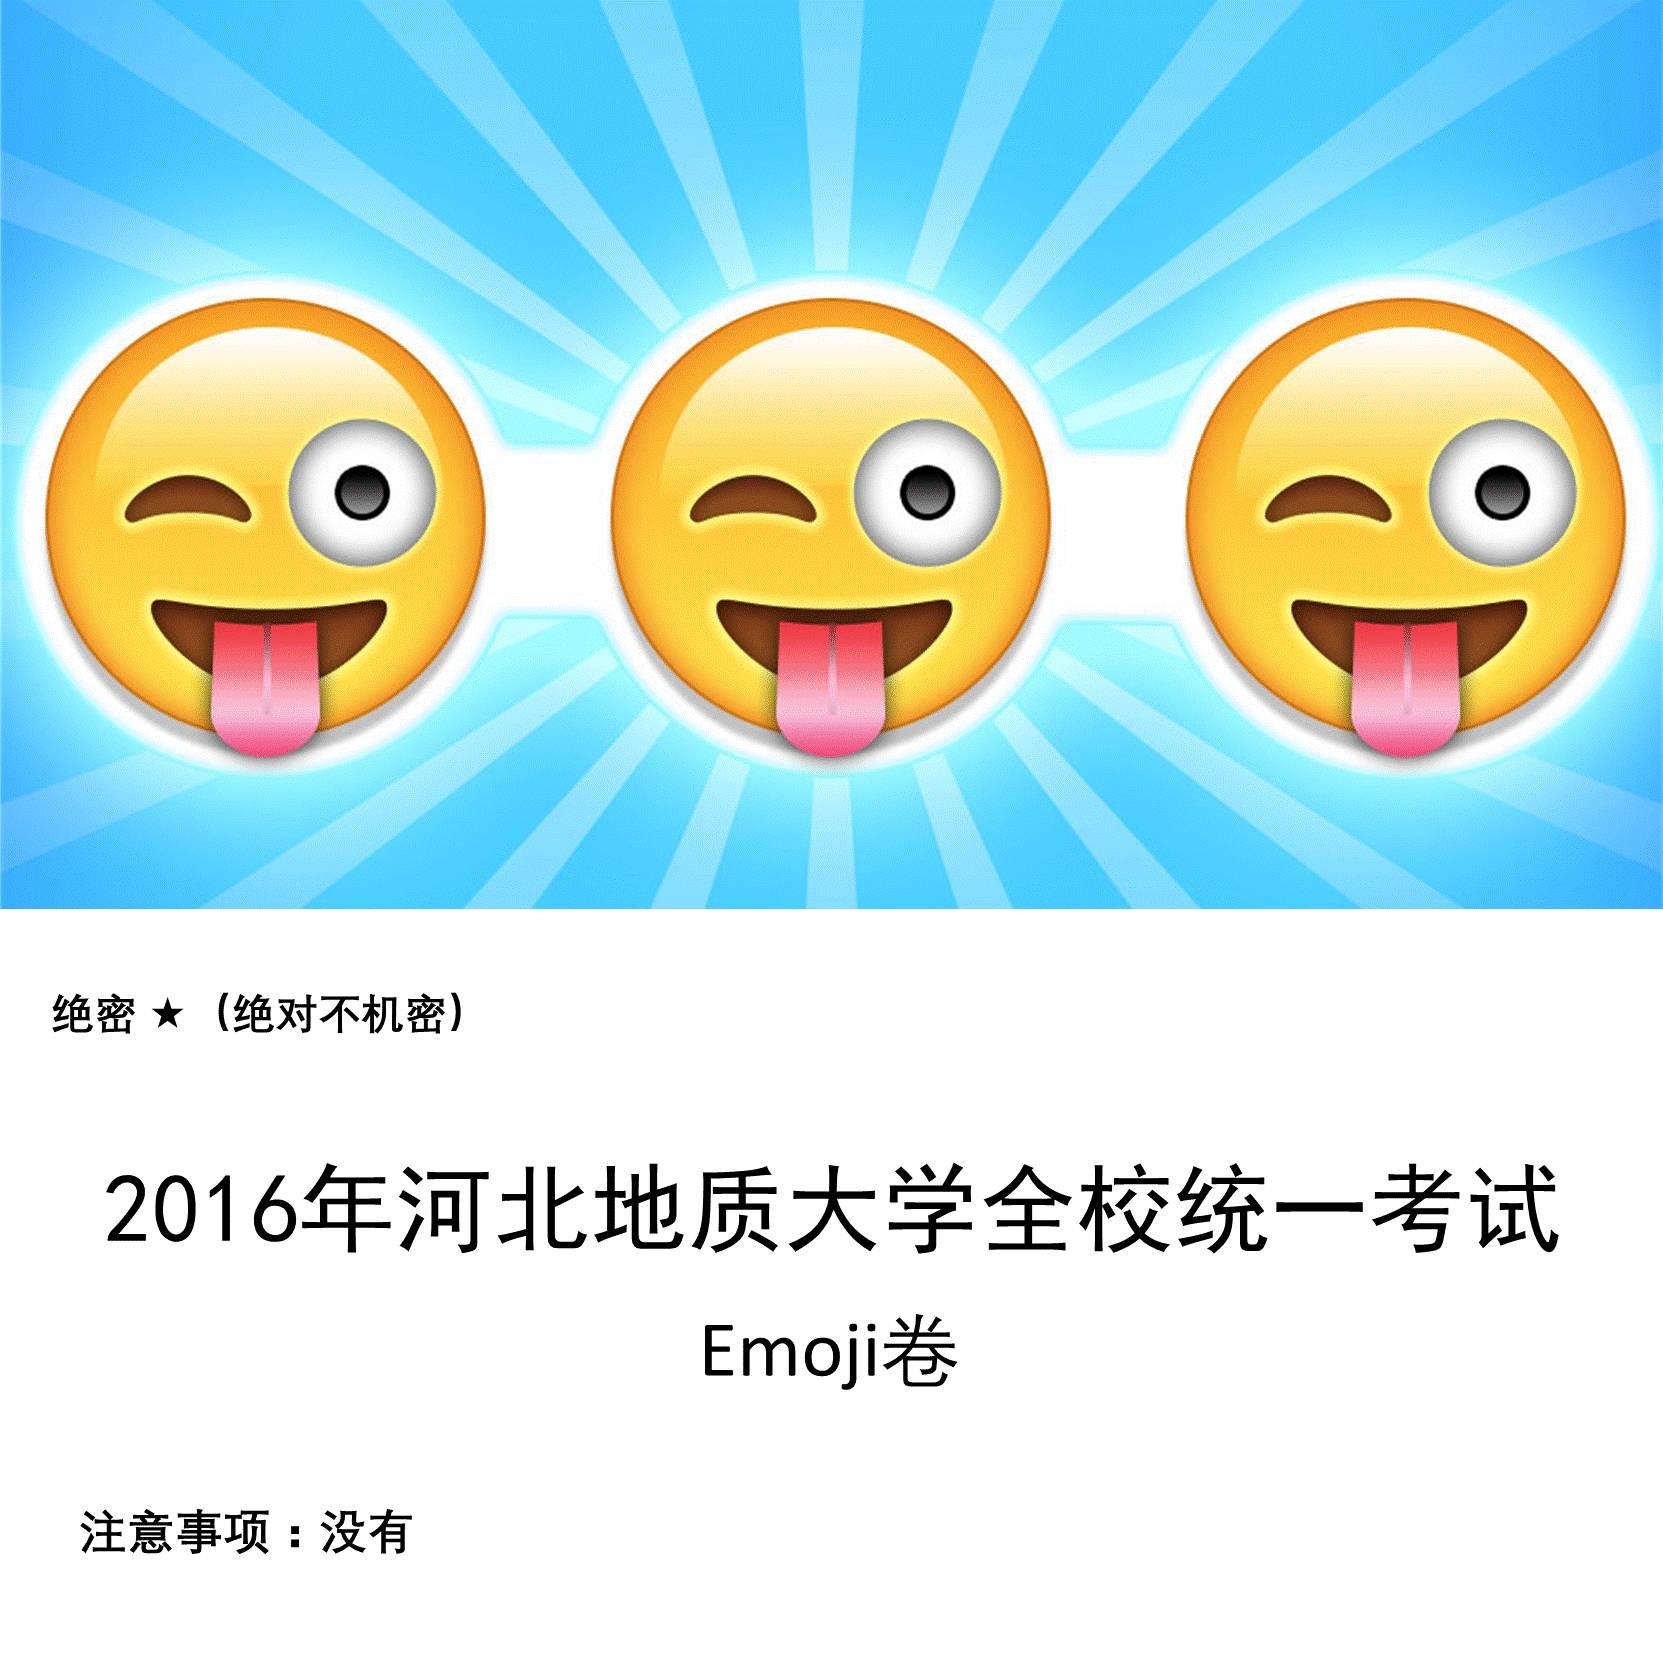 烧脑特辑 | emoji里河地小图片